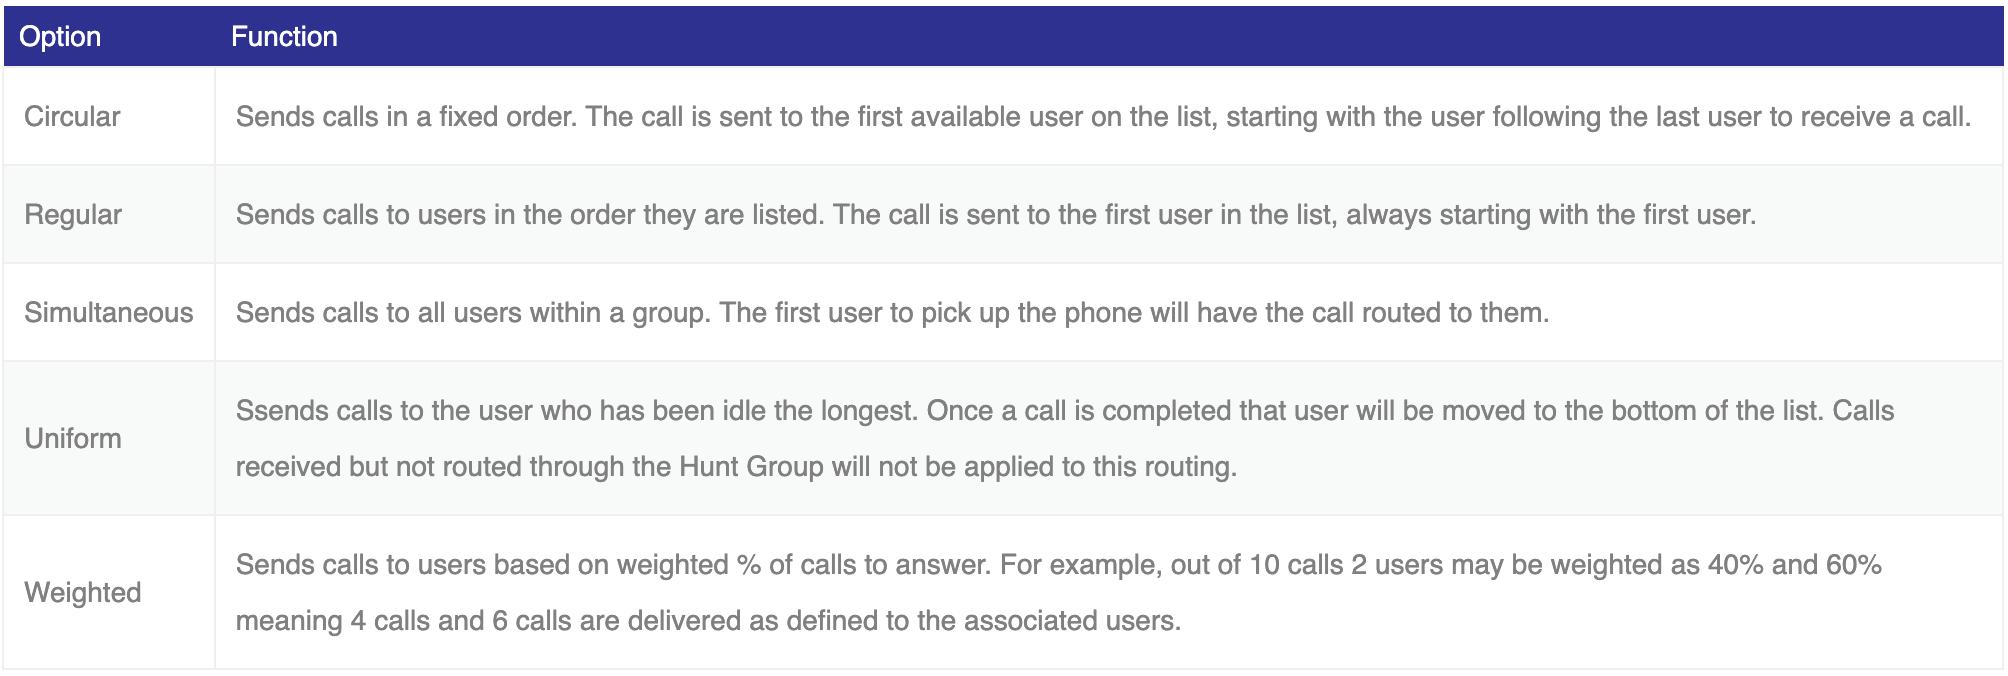 call centre options